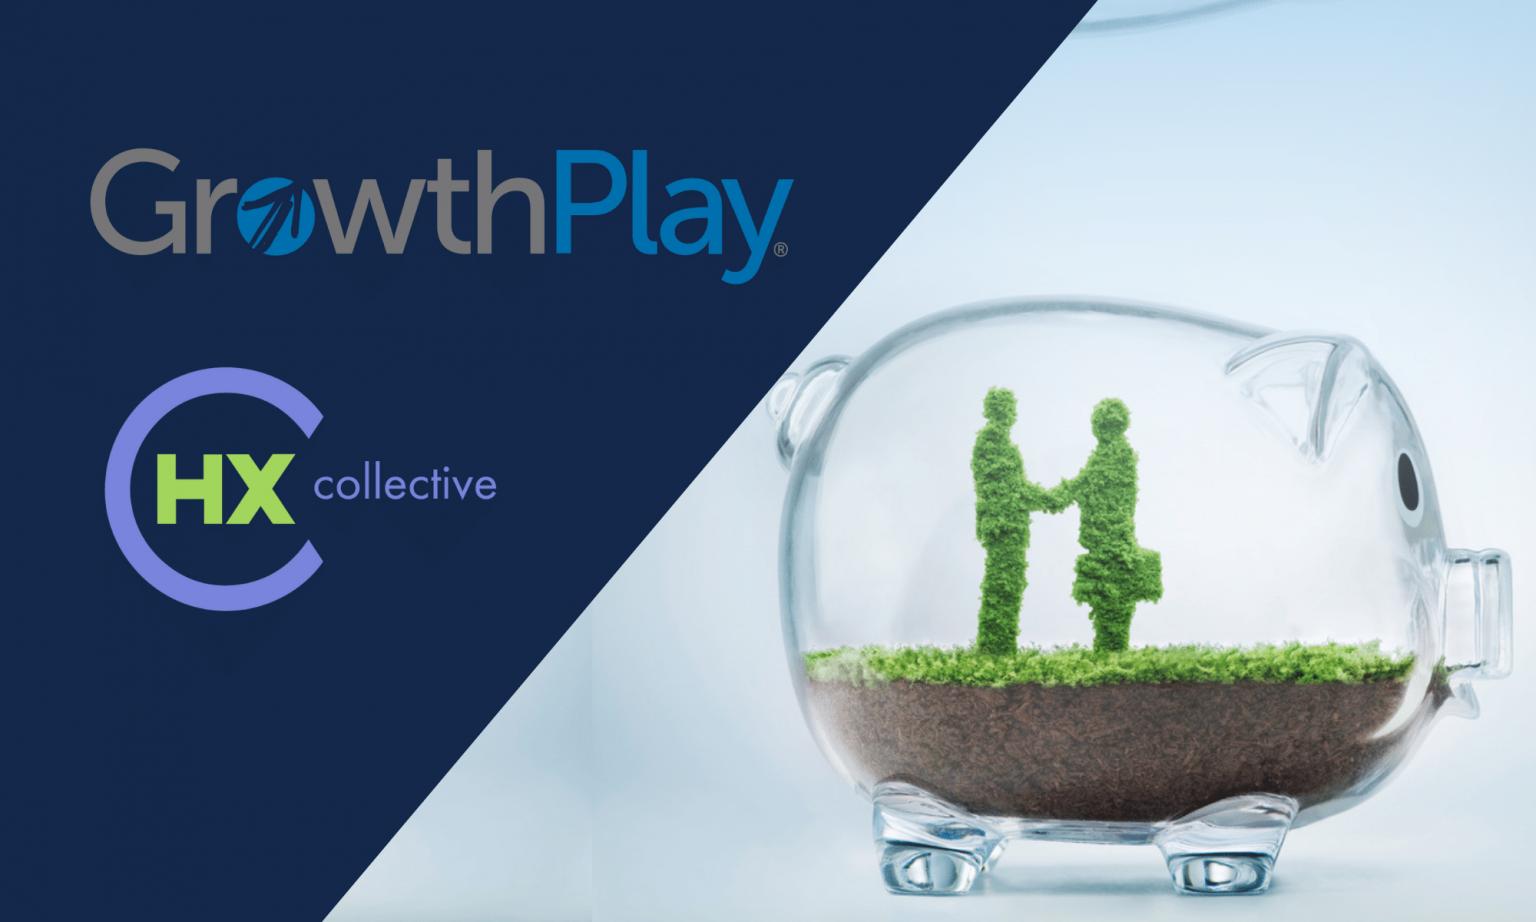 sfp website images - growthplay HX logos